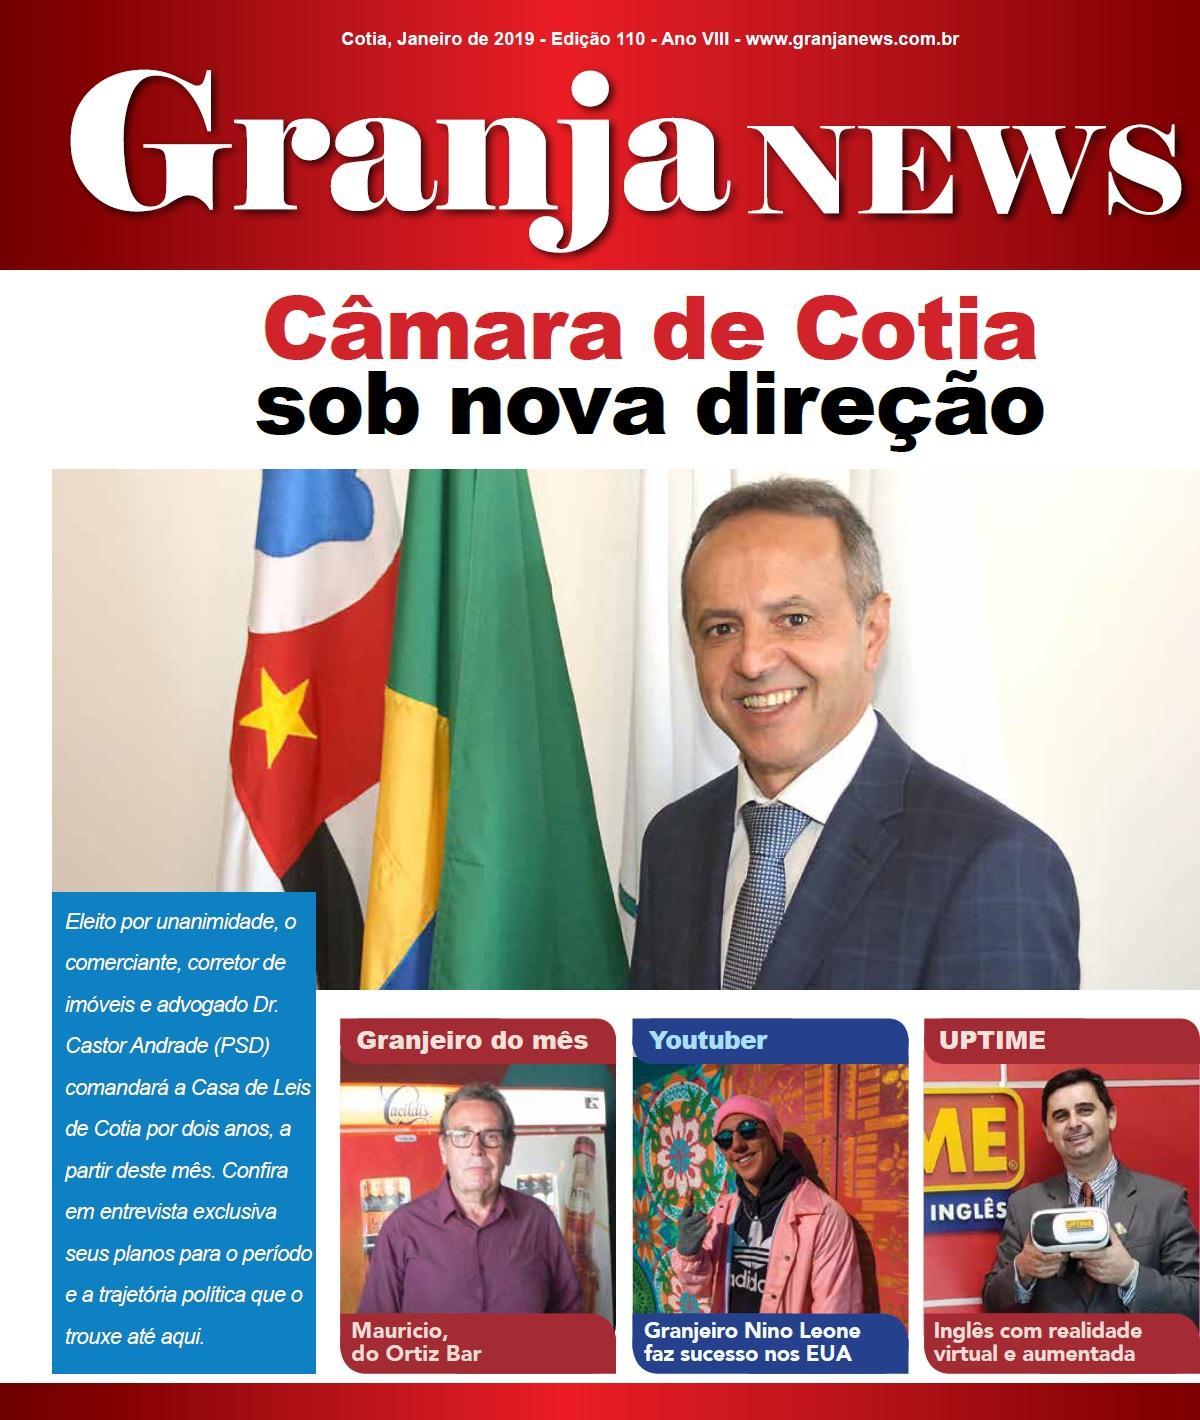 capa da edição 110 do jornal Granja News